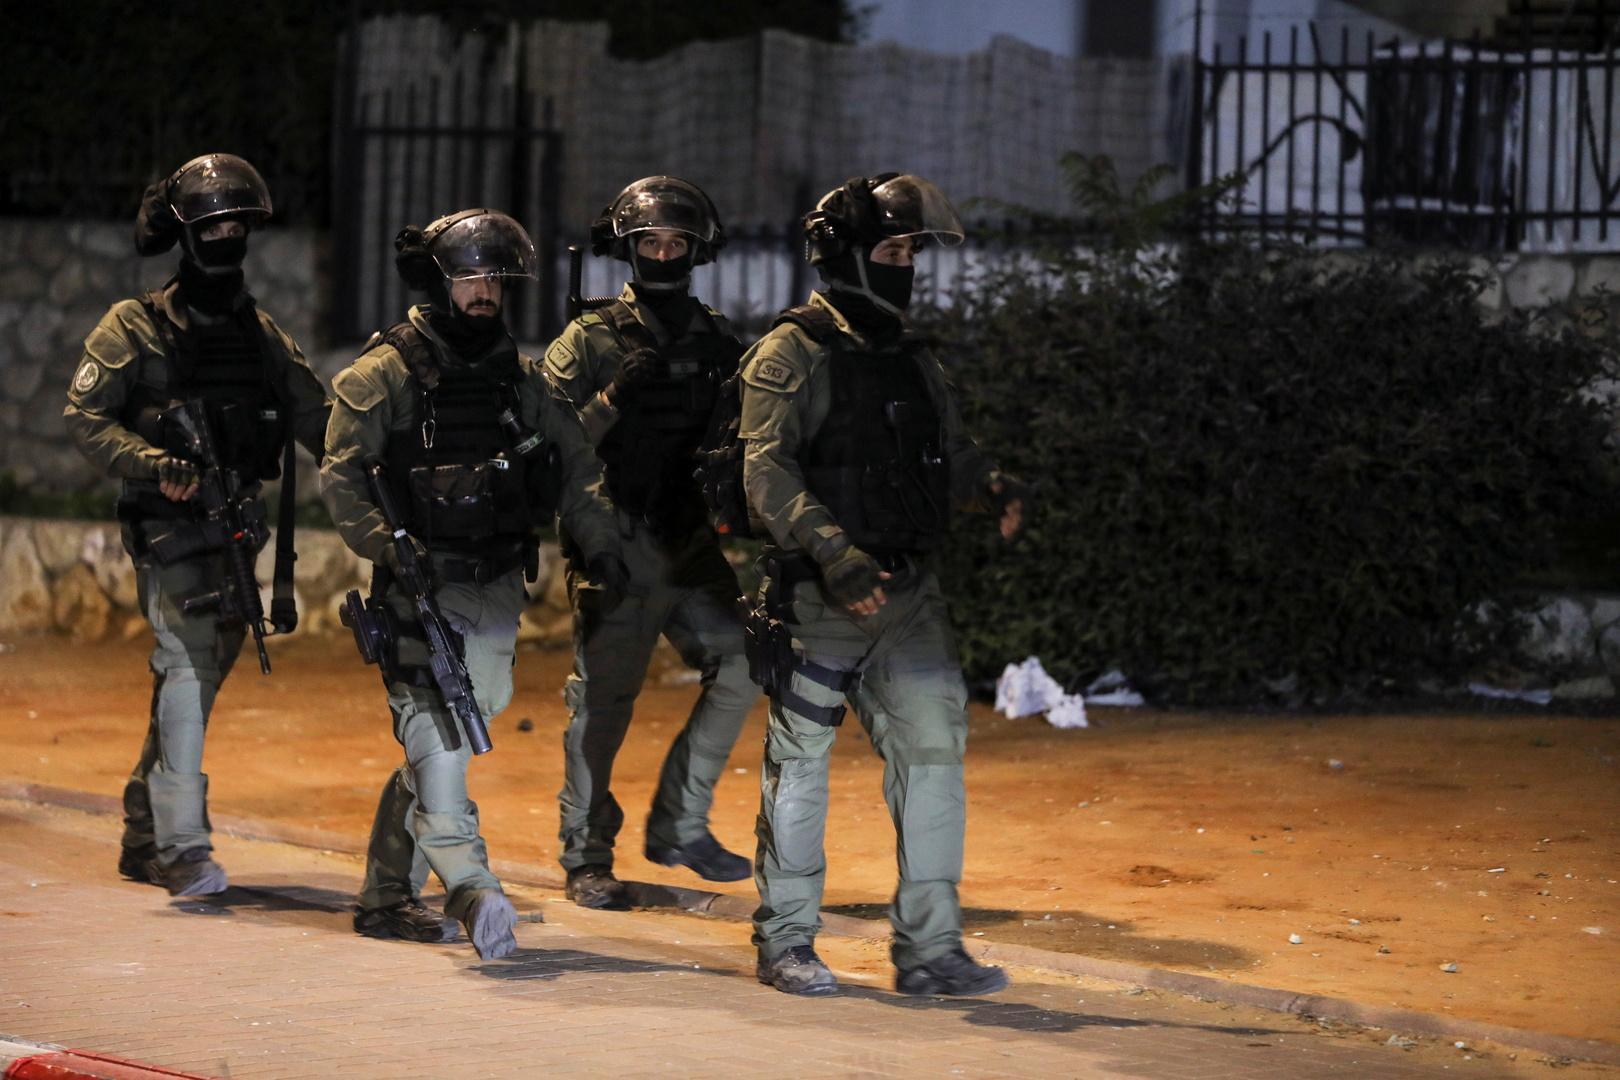 الشرطة الإسرائيلية تنفذ اعتقالات في بلدة فلسطينية داخل الخط الأخضر بعد صدامات عنيفة